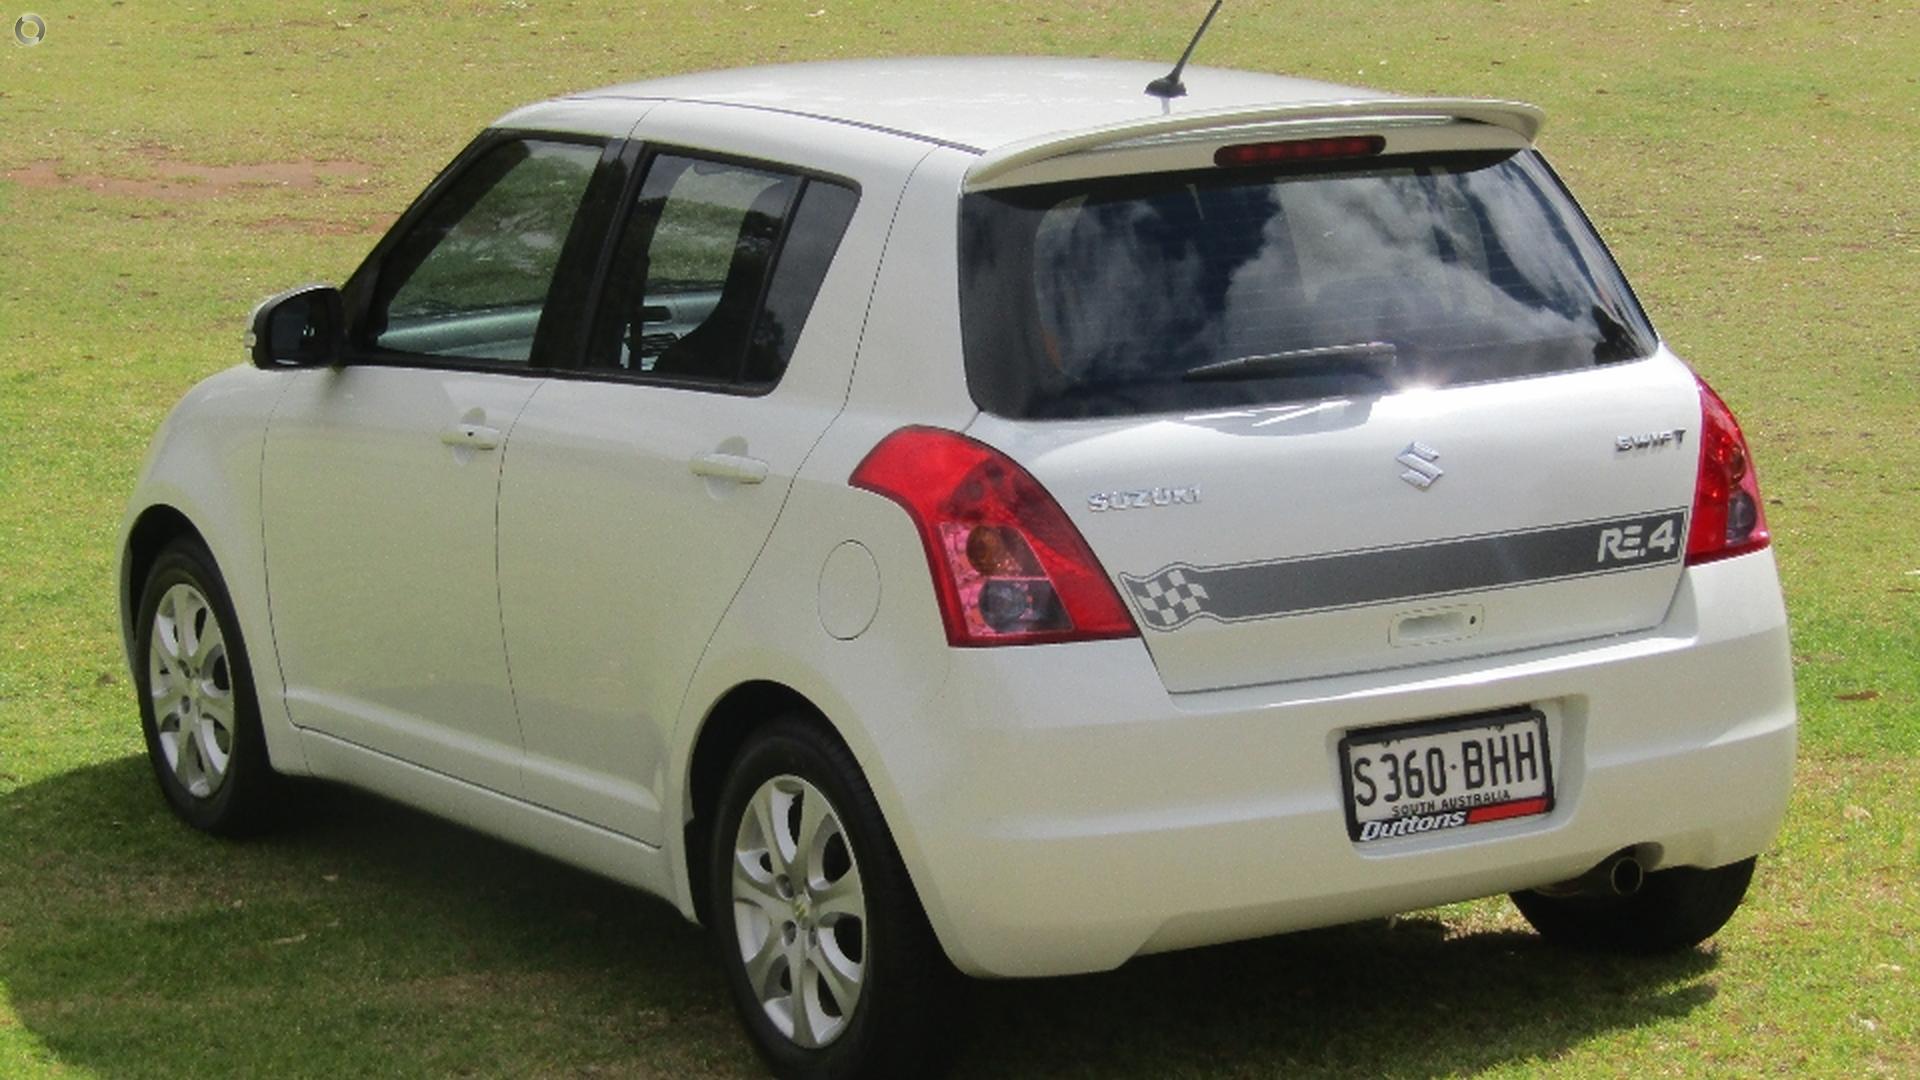 2010 Suzuki Swift RE4 RS415